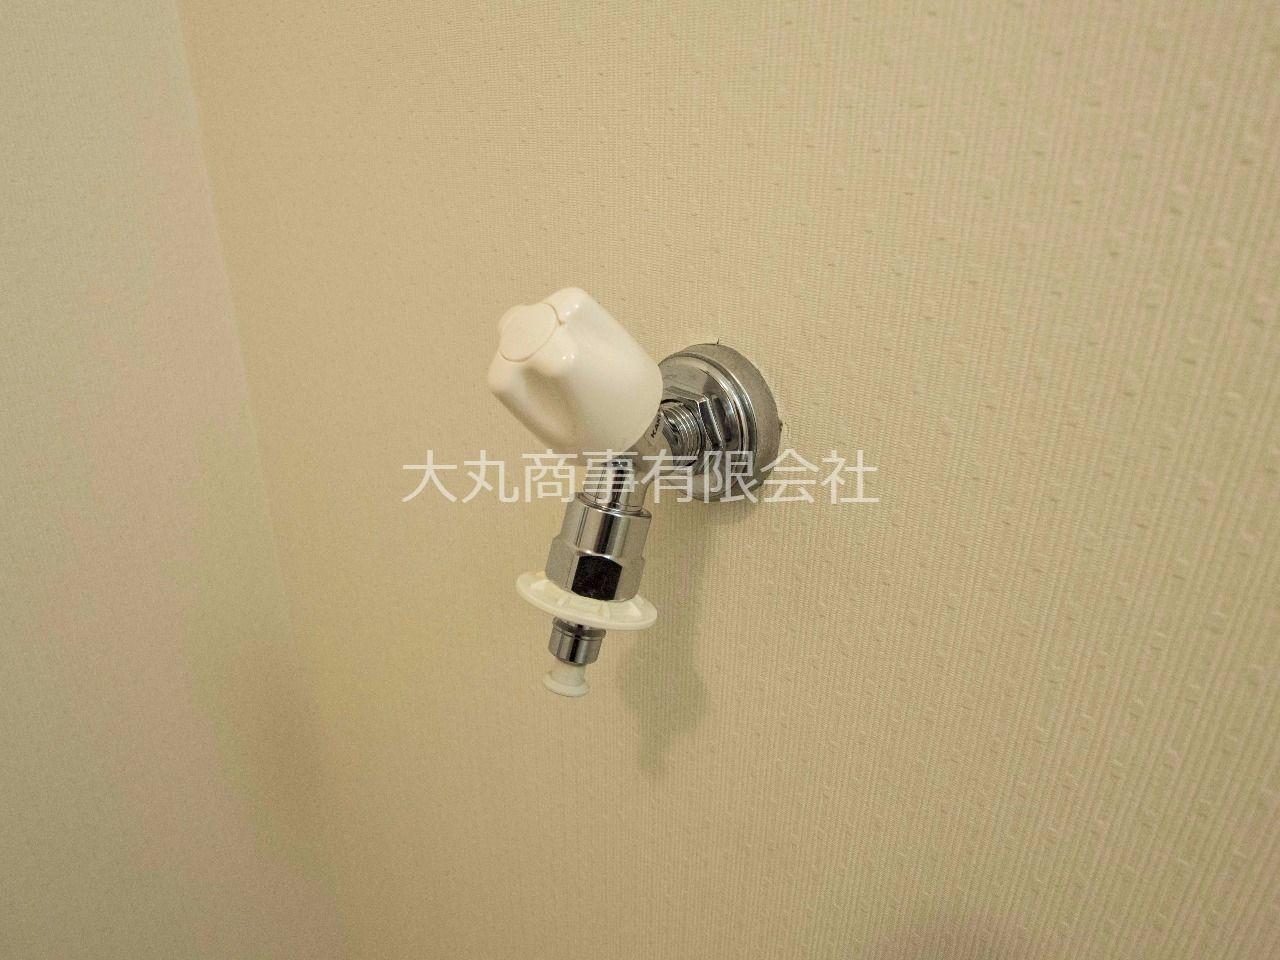 洗濯ホースの取付けが簡単な緊急止水弁付洗濯水栓